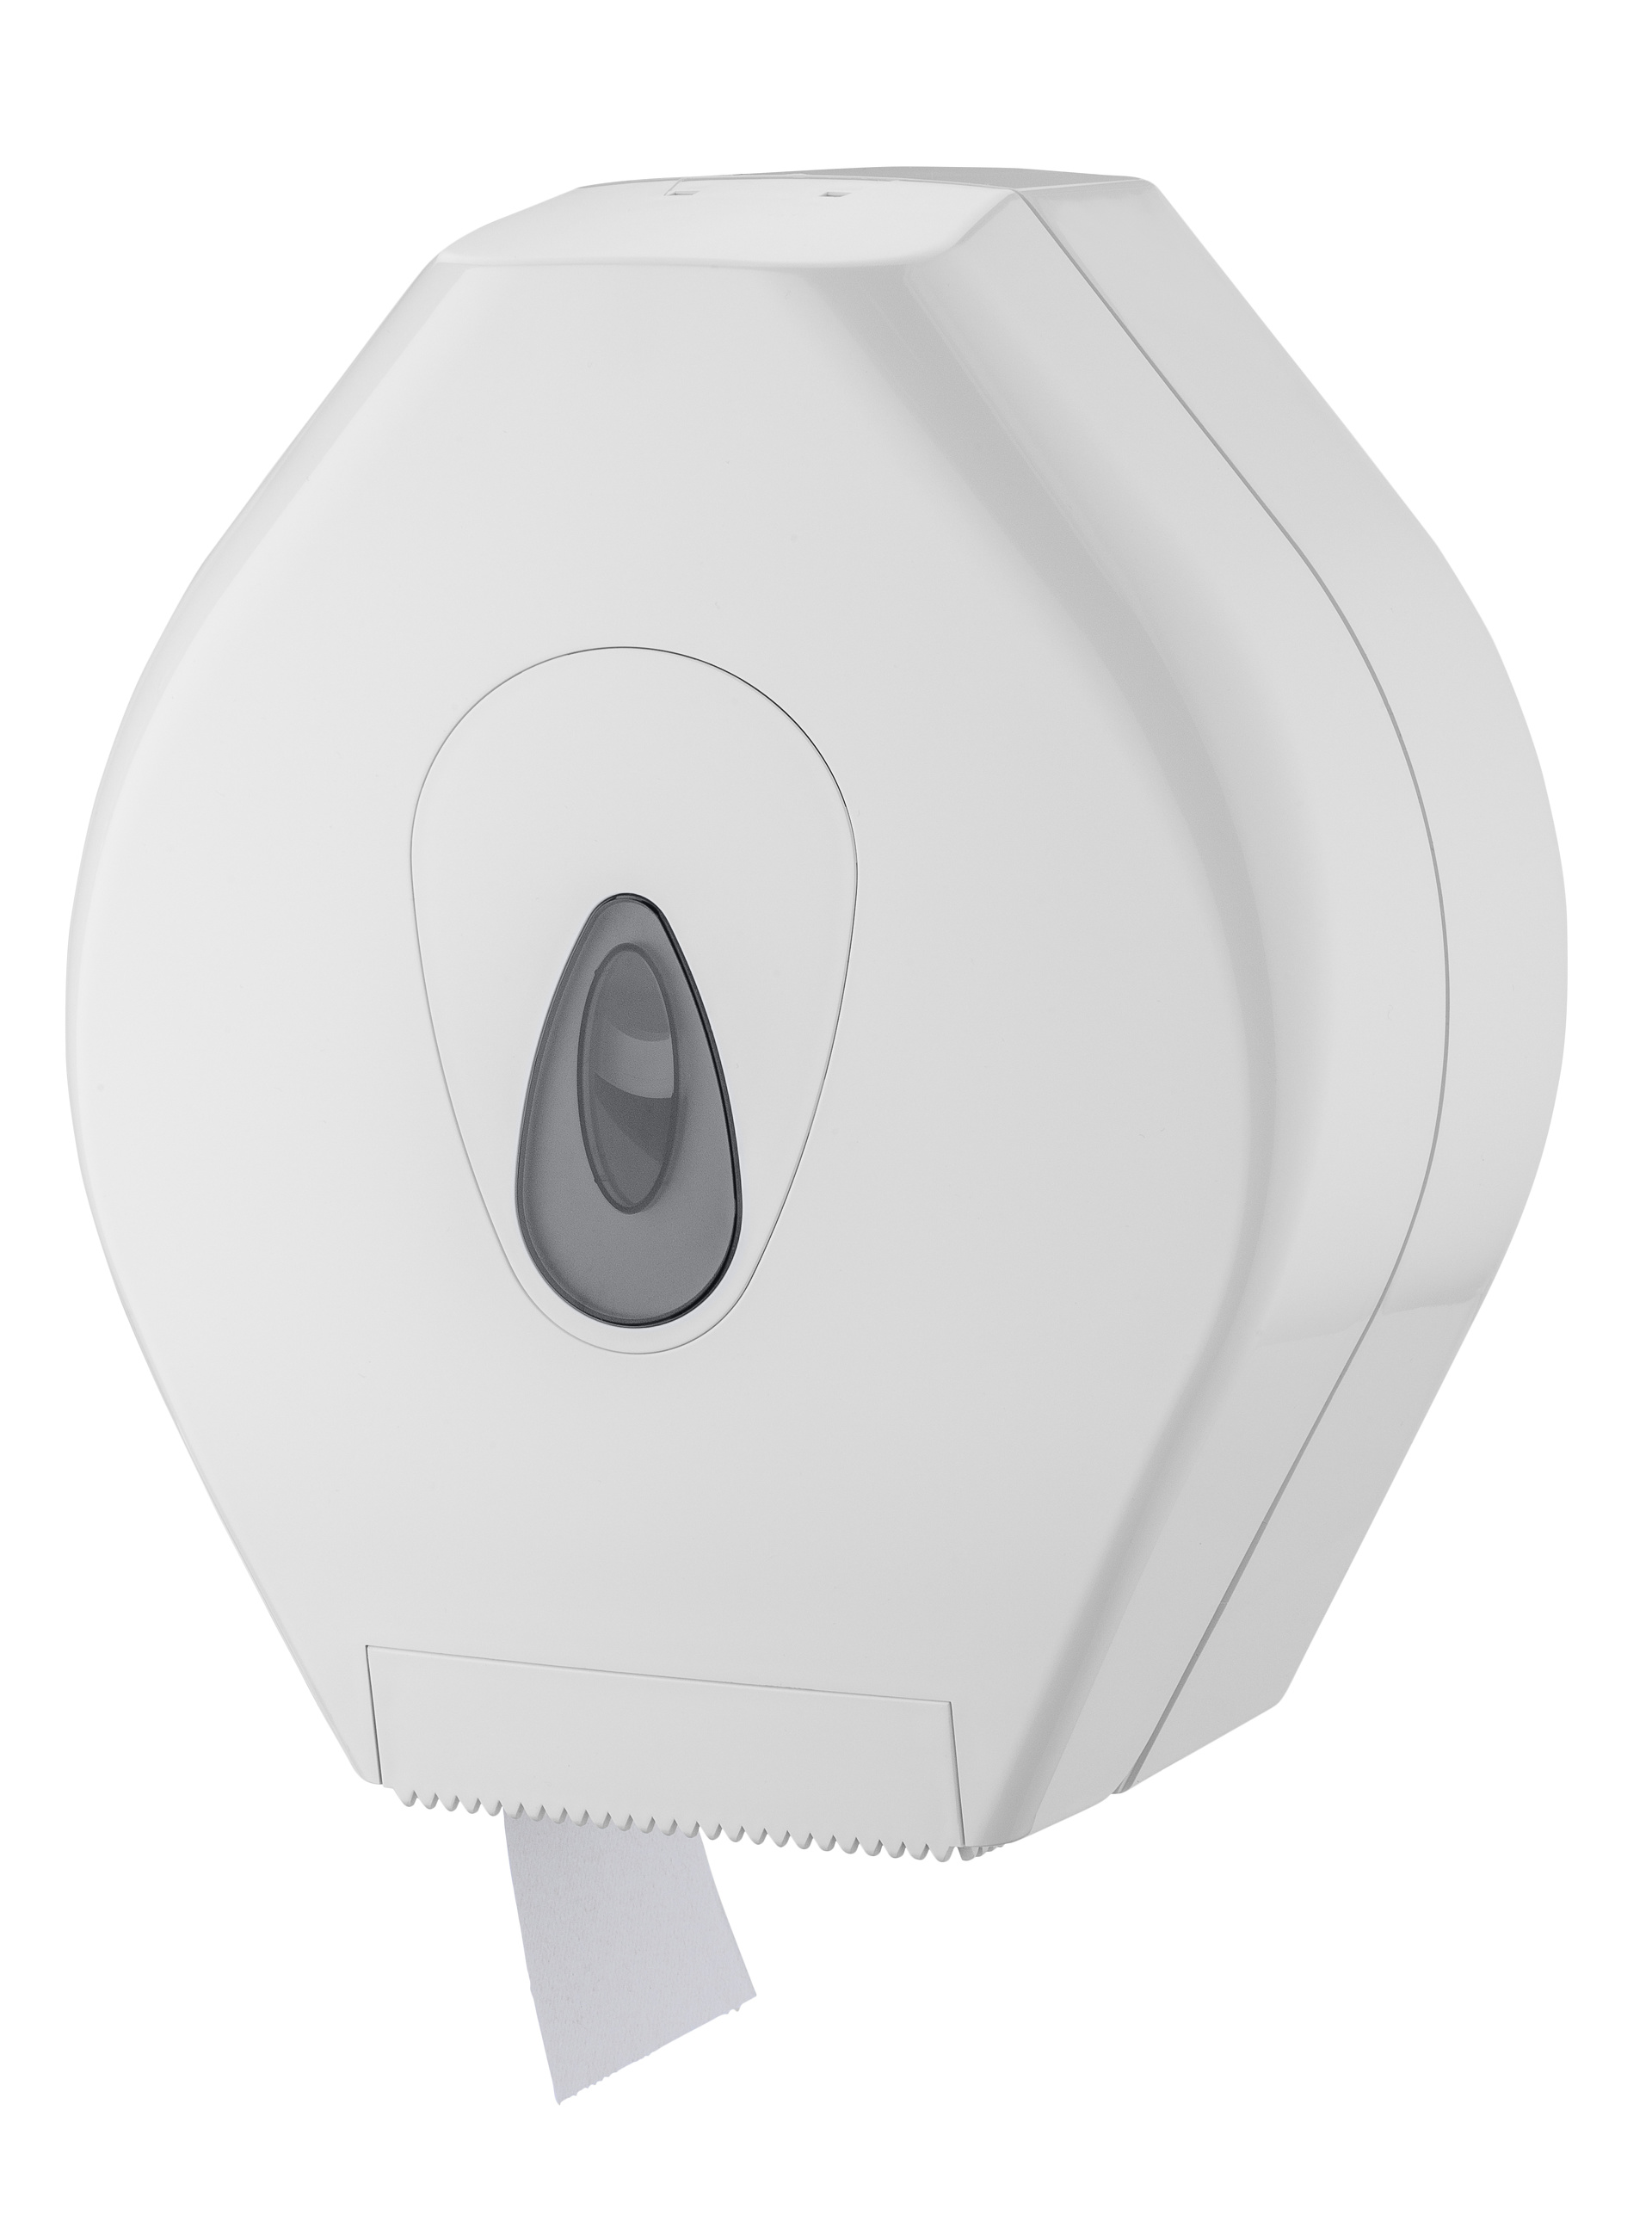 Toilettenpapier Großrollenspender Maxi, Kunststoff, für Rollen bis 300 mm Ø, weiß, 37 x 34 x 13 cm